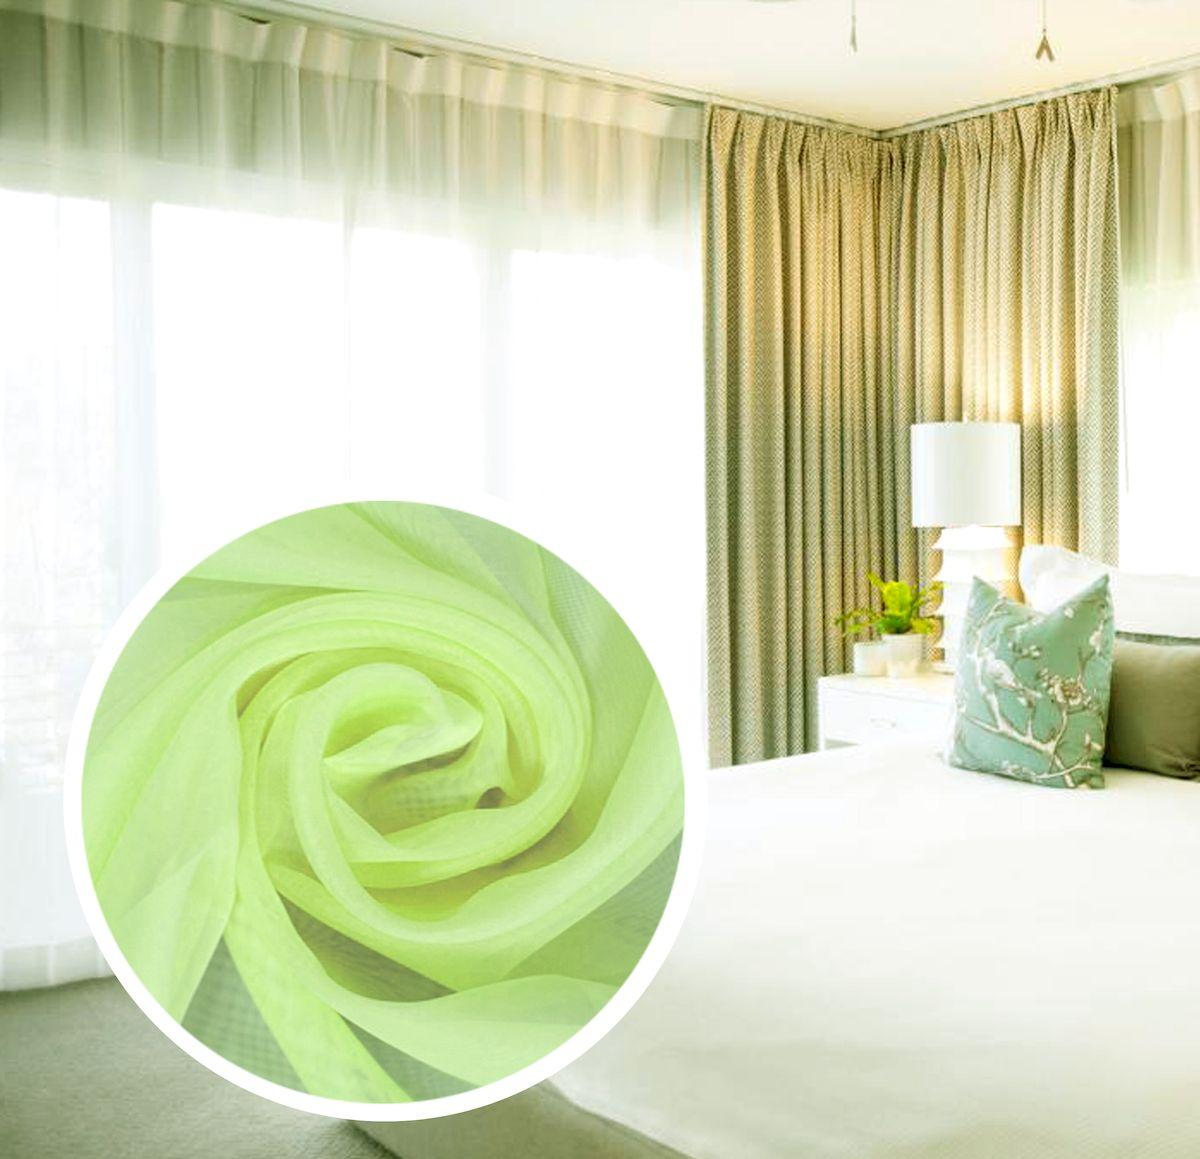 Вуаль Amore Mio Однотонная, на ленте, цвет: салатовый, высота 270 см. 7538575385Amore Mio - однотонная легкая вуаль нежного цвета в классическом исполнении, выполнена из полиэстера.Вуаль незаменимая деталь в оформлении окон спальни и гостиной. Она отлично сочетается практически с любыми портьерами. Изделие на шторной ленте, готово к использованию. Размер: 300 х 270 см.